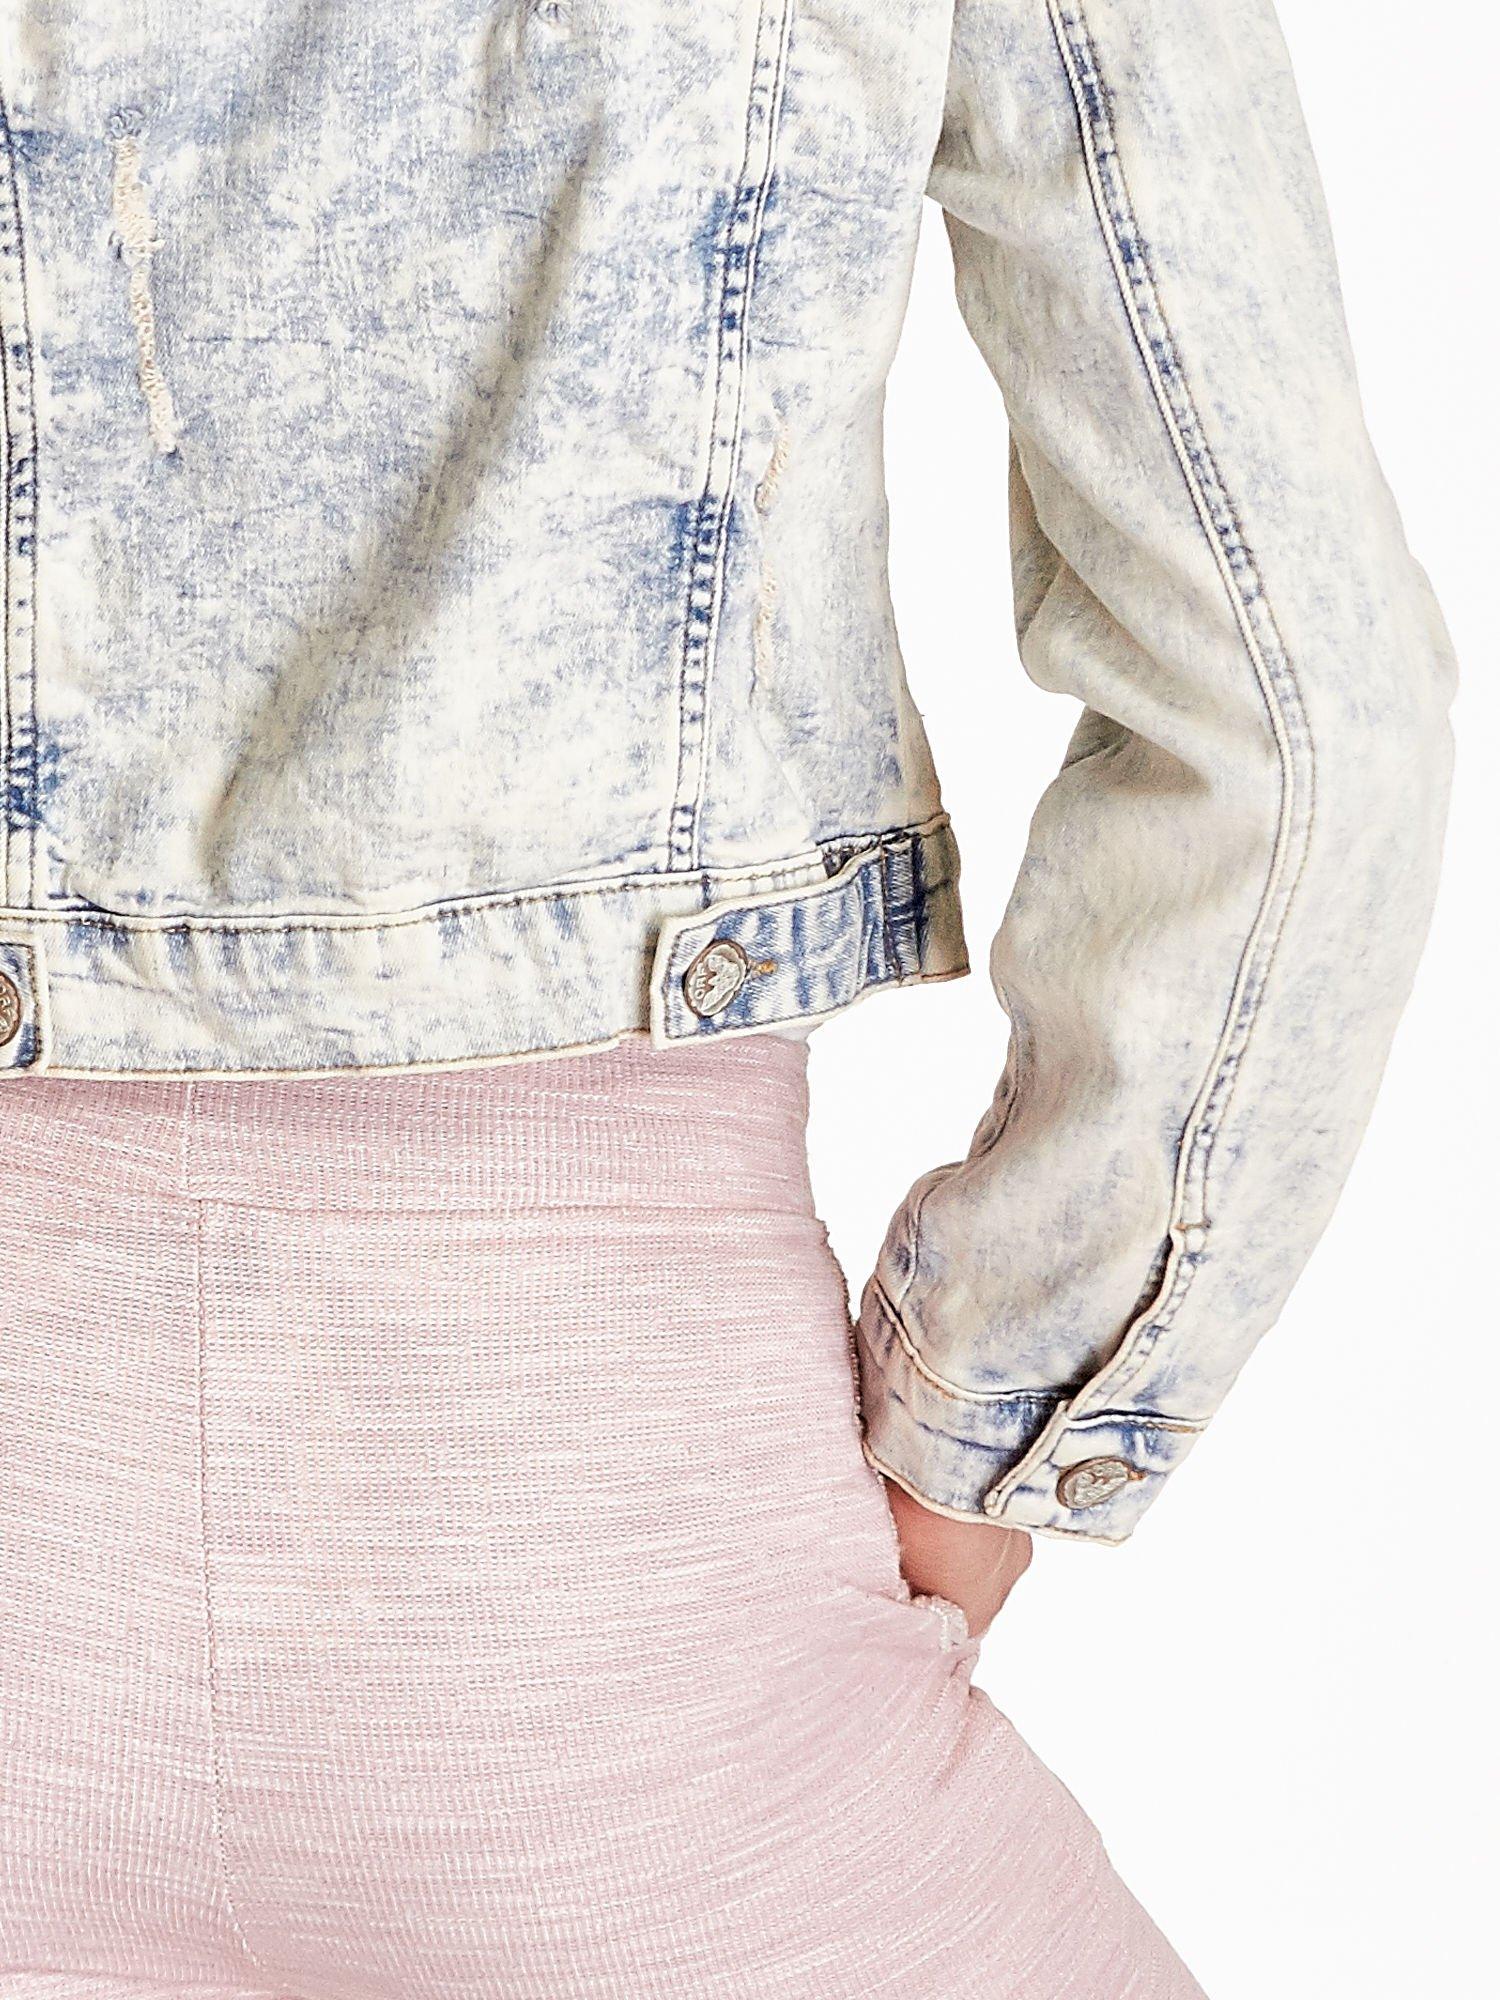 Jasnoniebieska kurtka jeansowa damska marmurkowa z kieszeniami na patki                                  zdj.                                  6